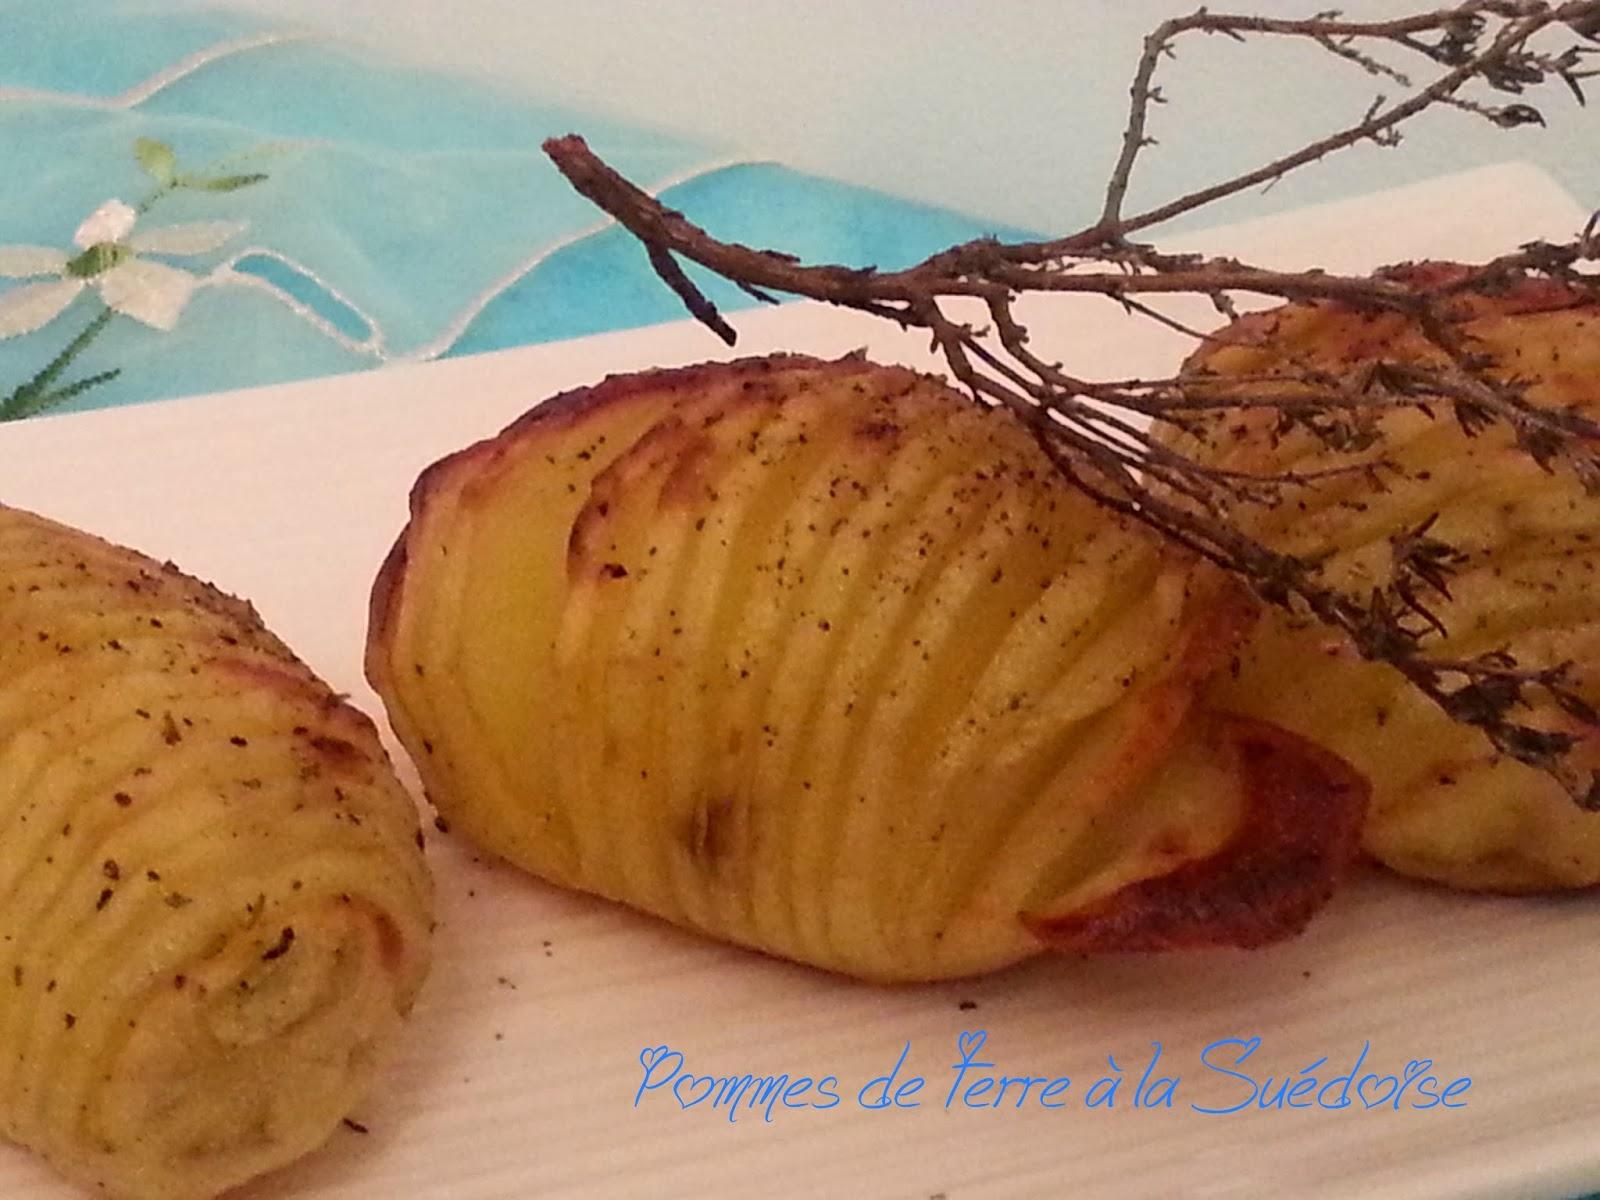 pommes de terre la su doise le blog de cuisine en bouche. Black Bedroom Furniture Sets. Home Design Ideas